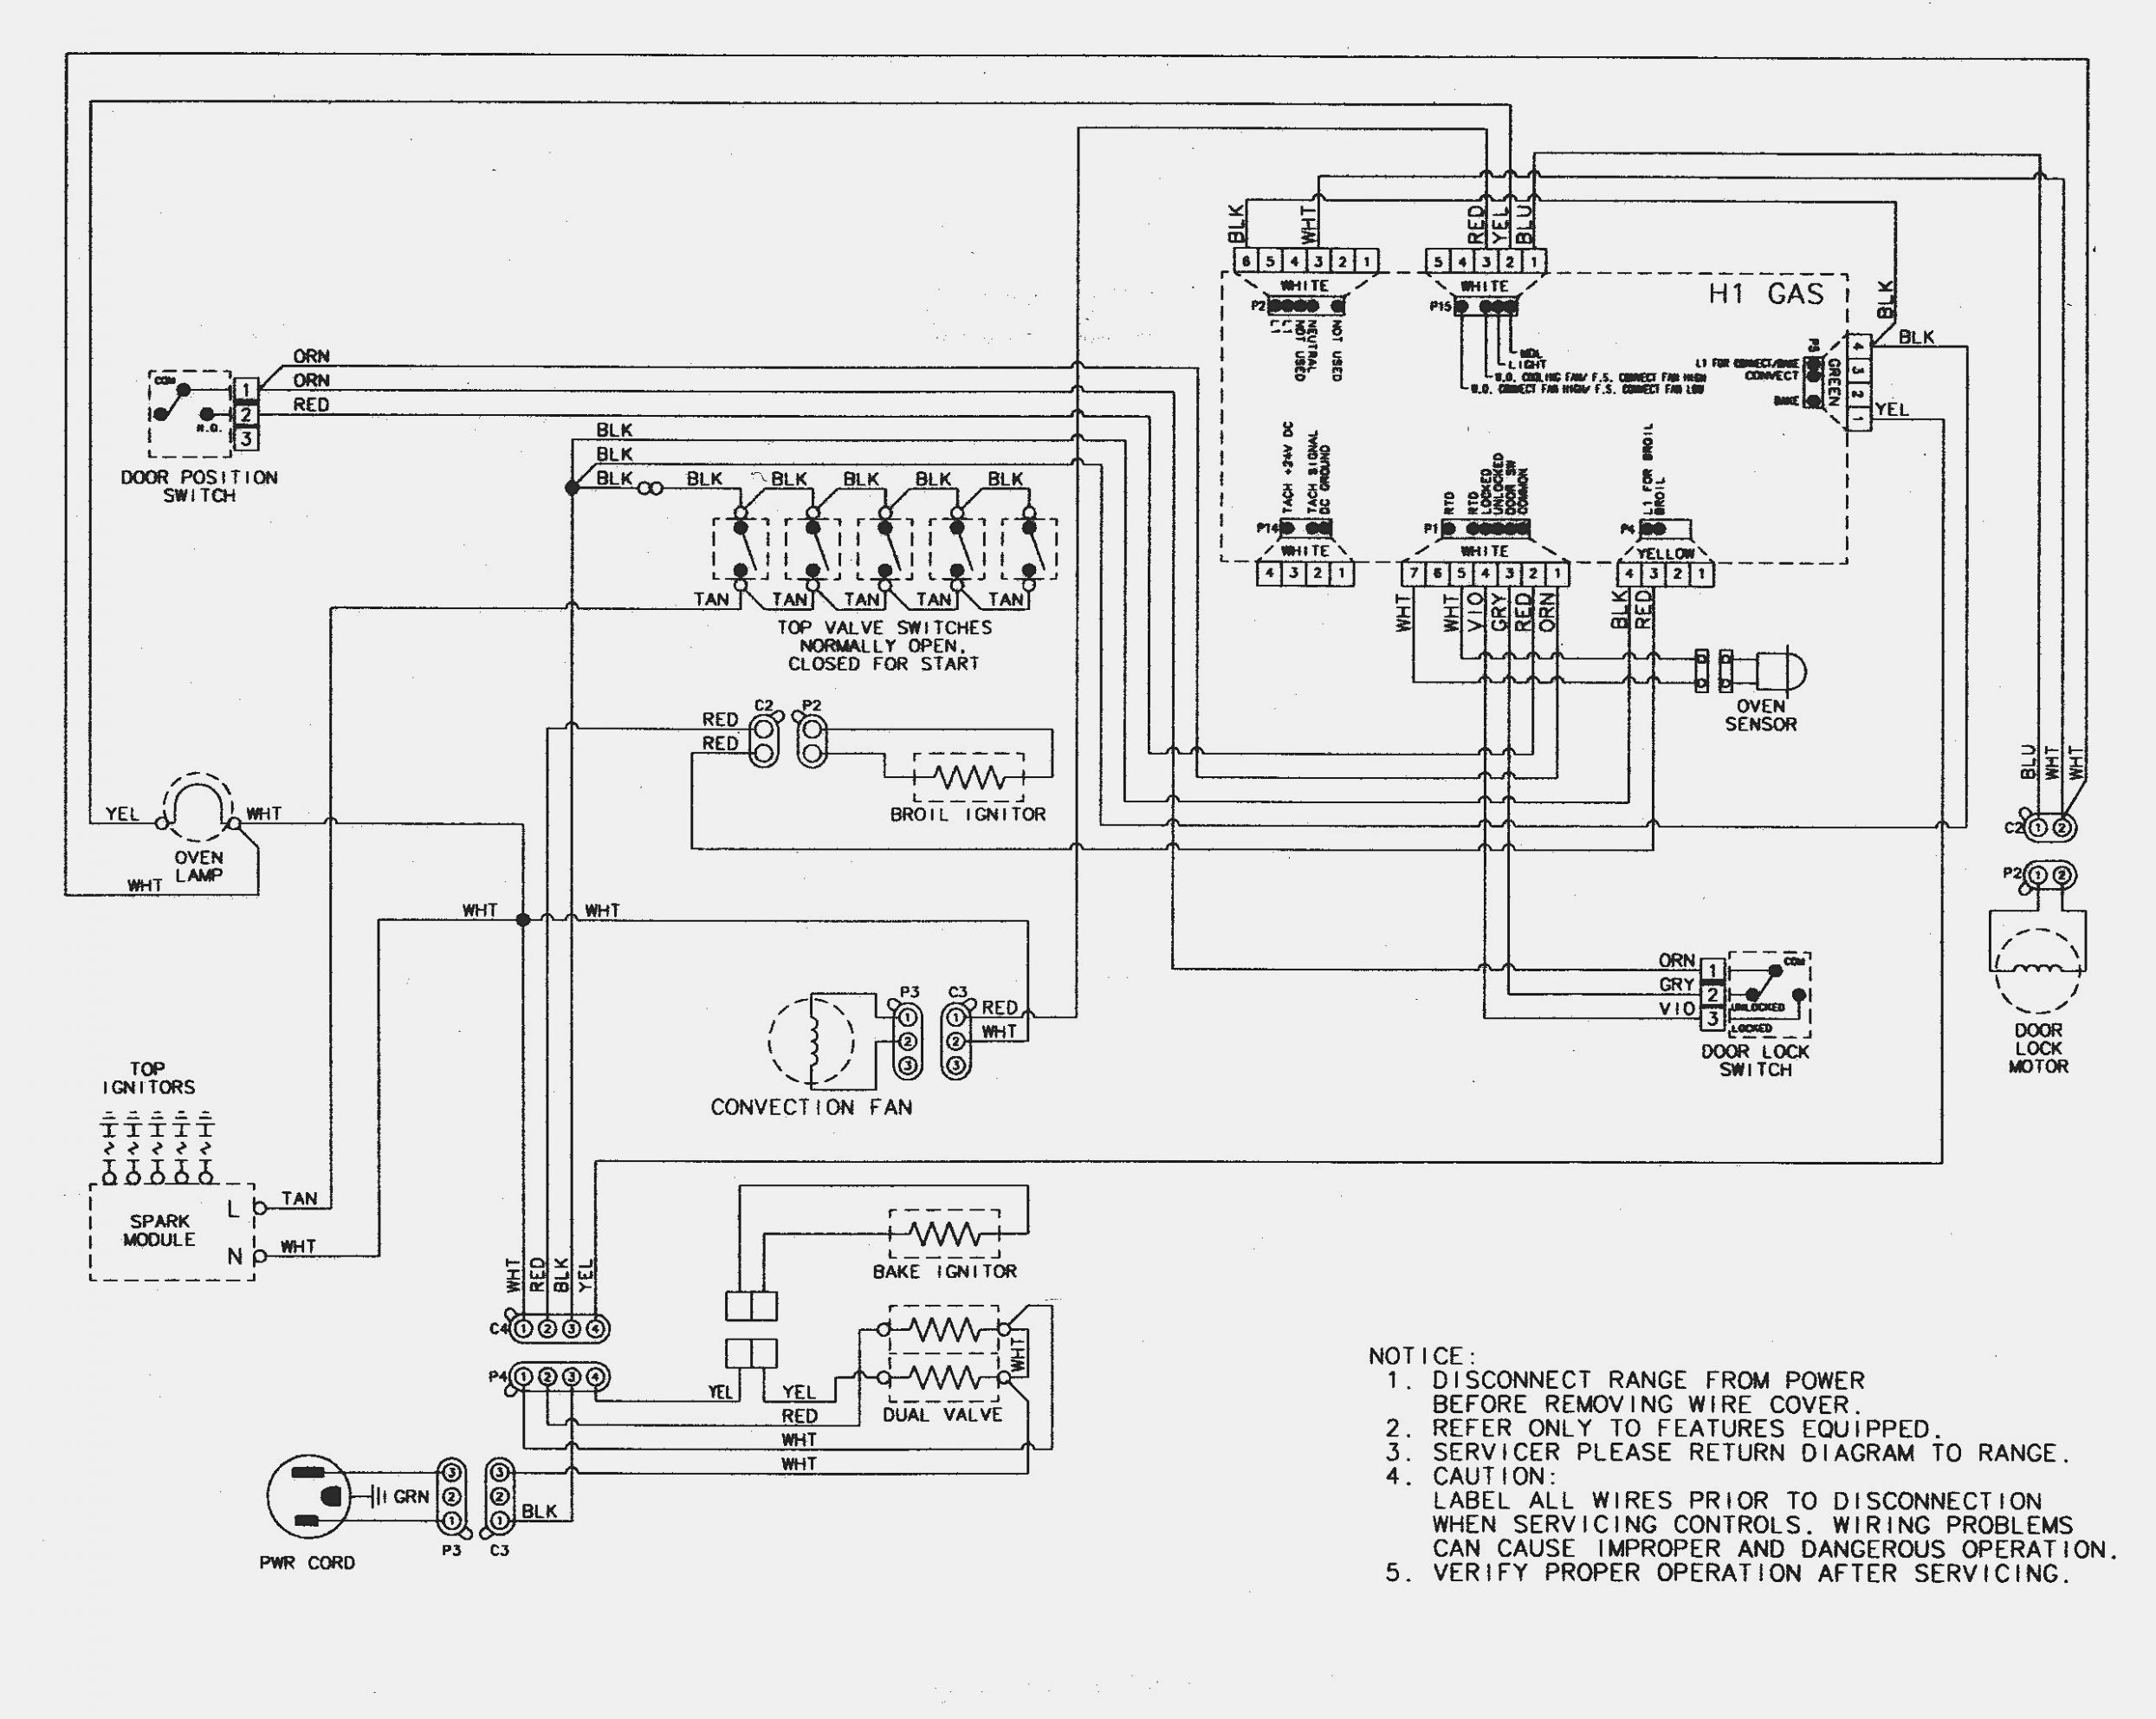 New Electric Ceiling Fan Wiring Diagram Diagram Diagramsample Diagramtemplate Wiringdiagram Diagramchart Worksheet Wor Whirlpool Dryer Diagram Heat Pump